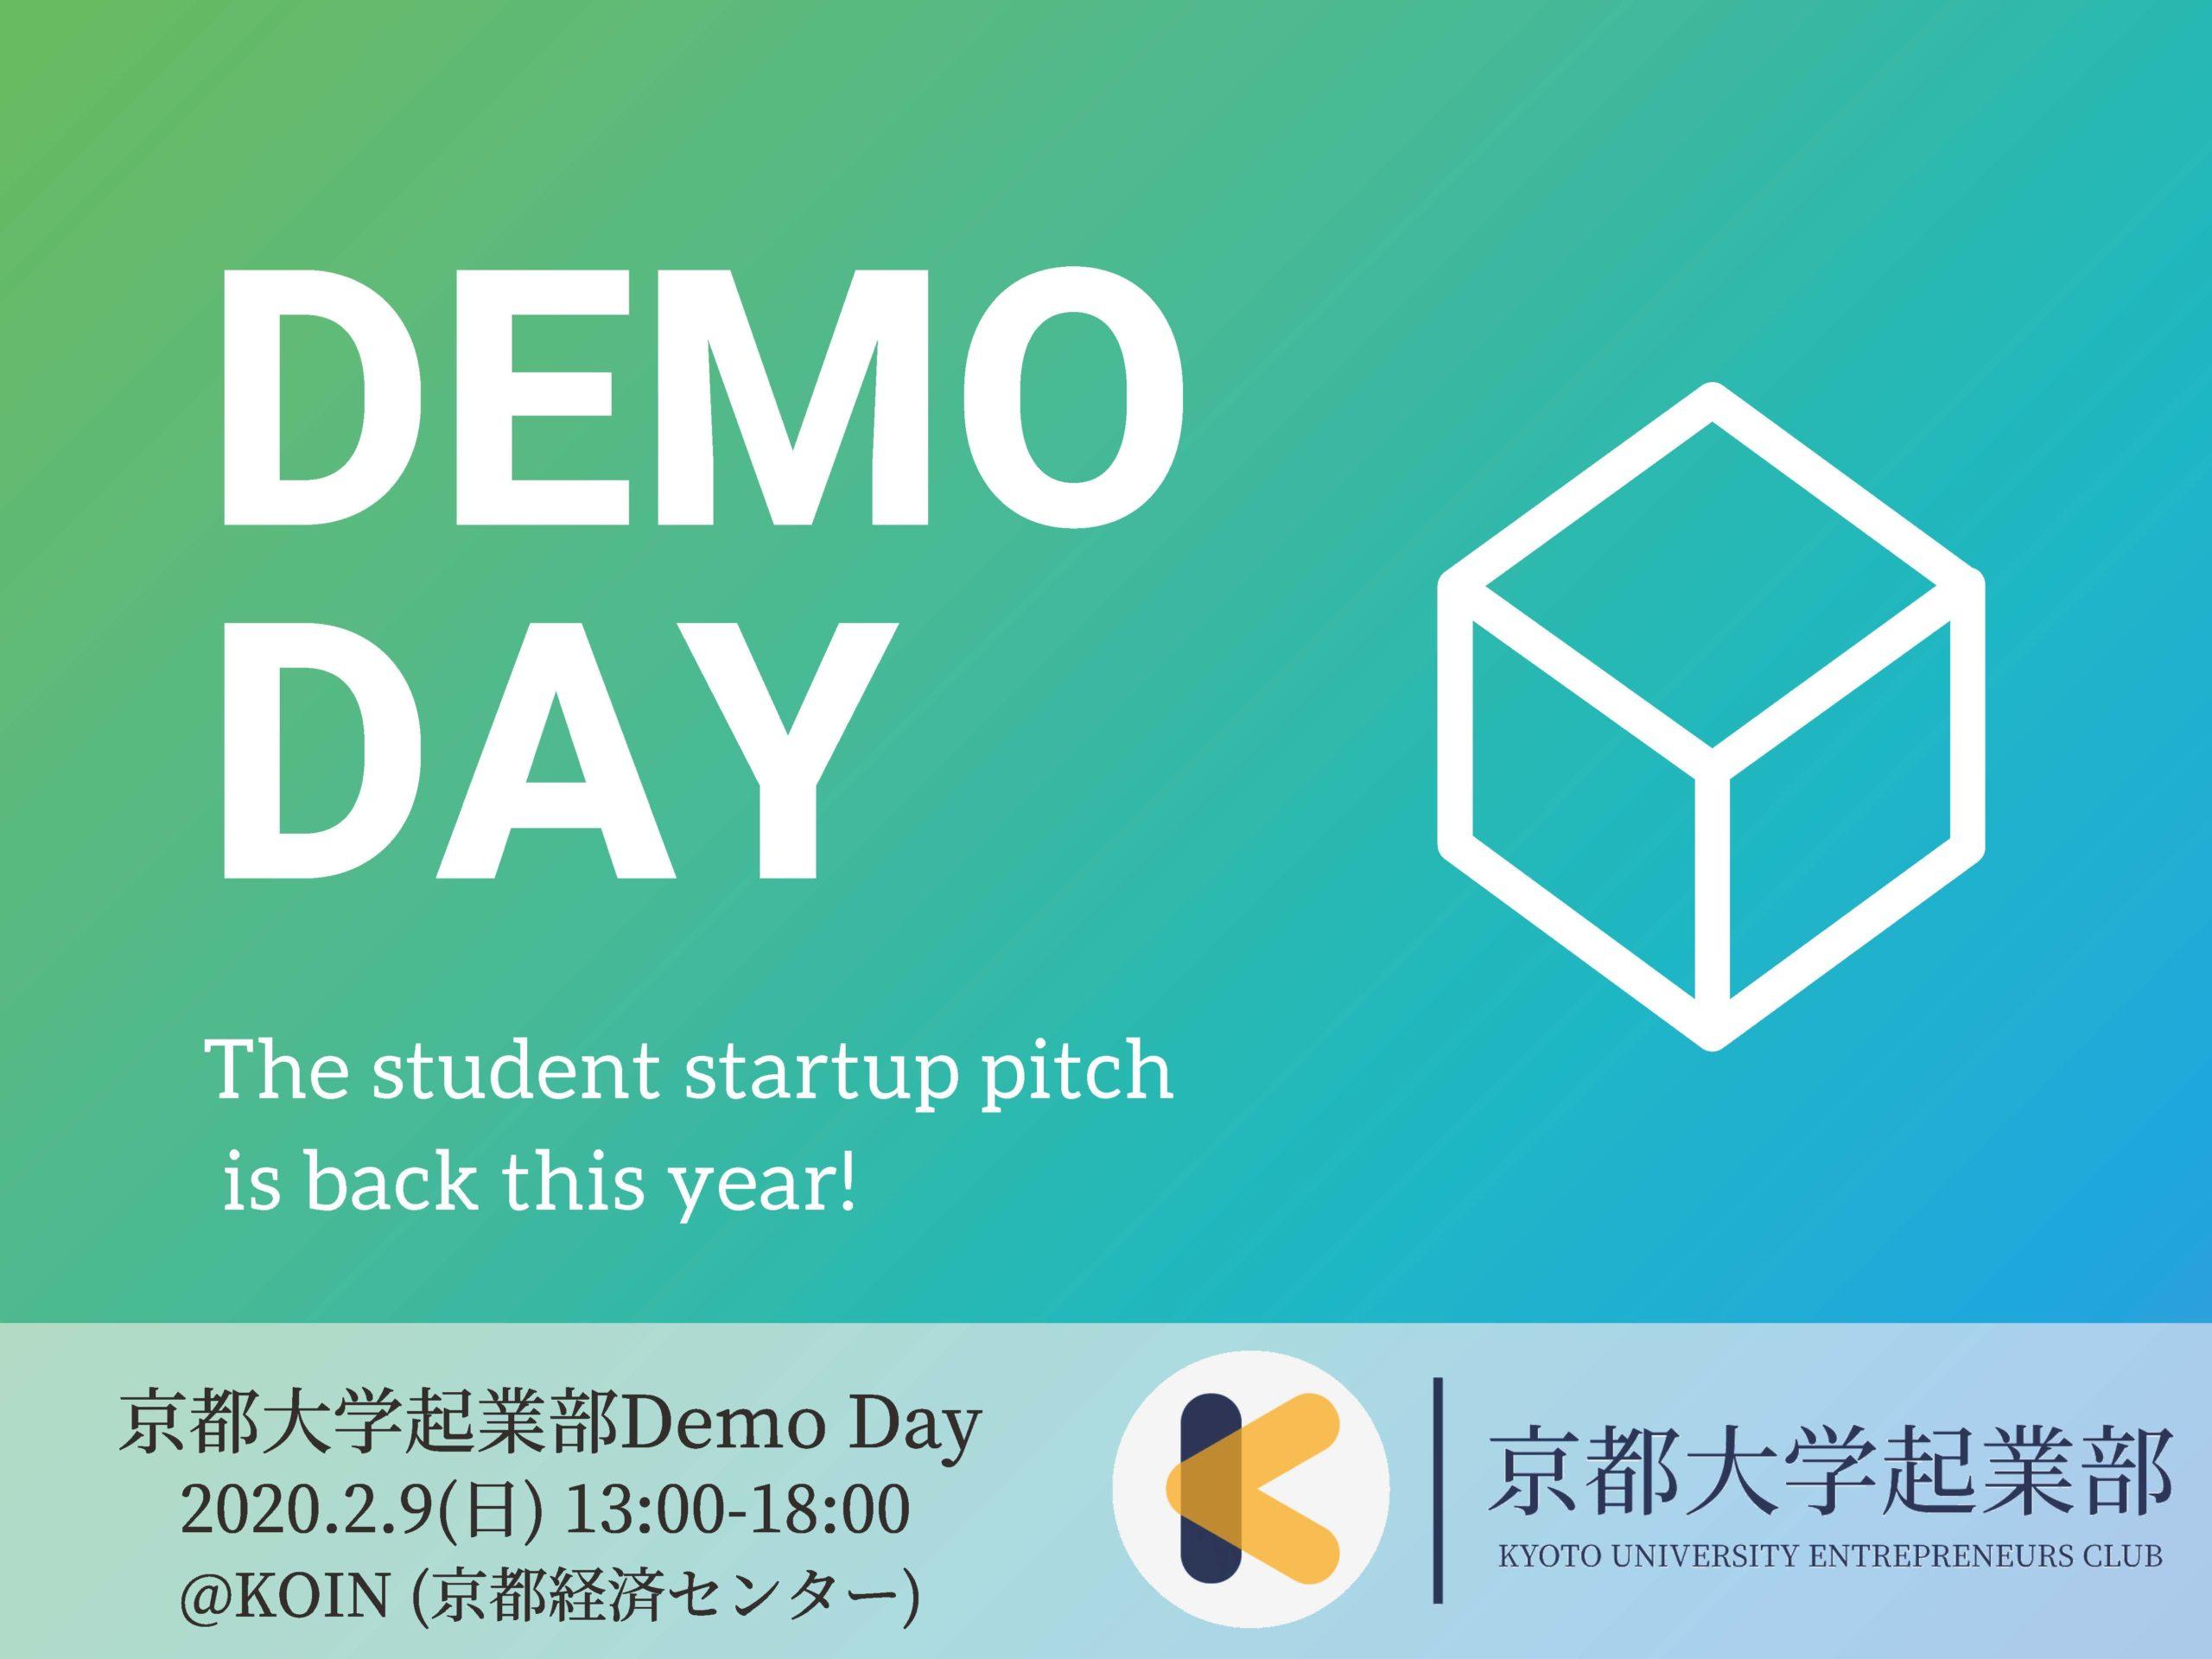 第2回 京都大学起業部 DemoDay